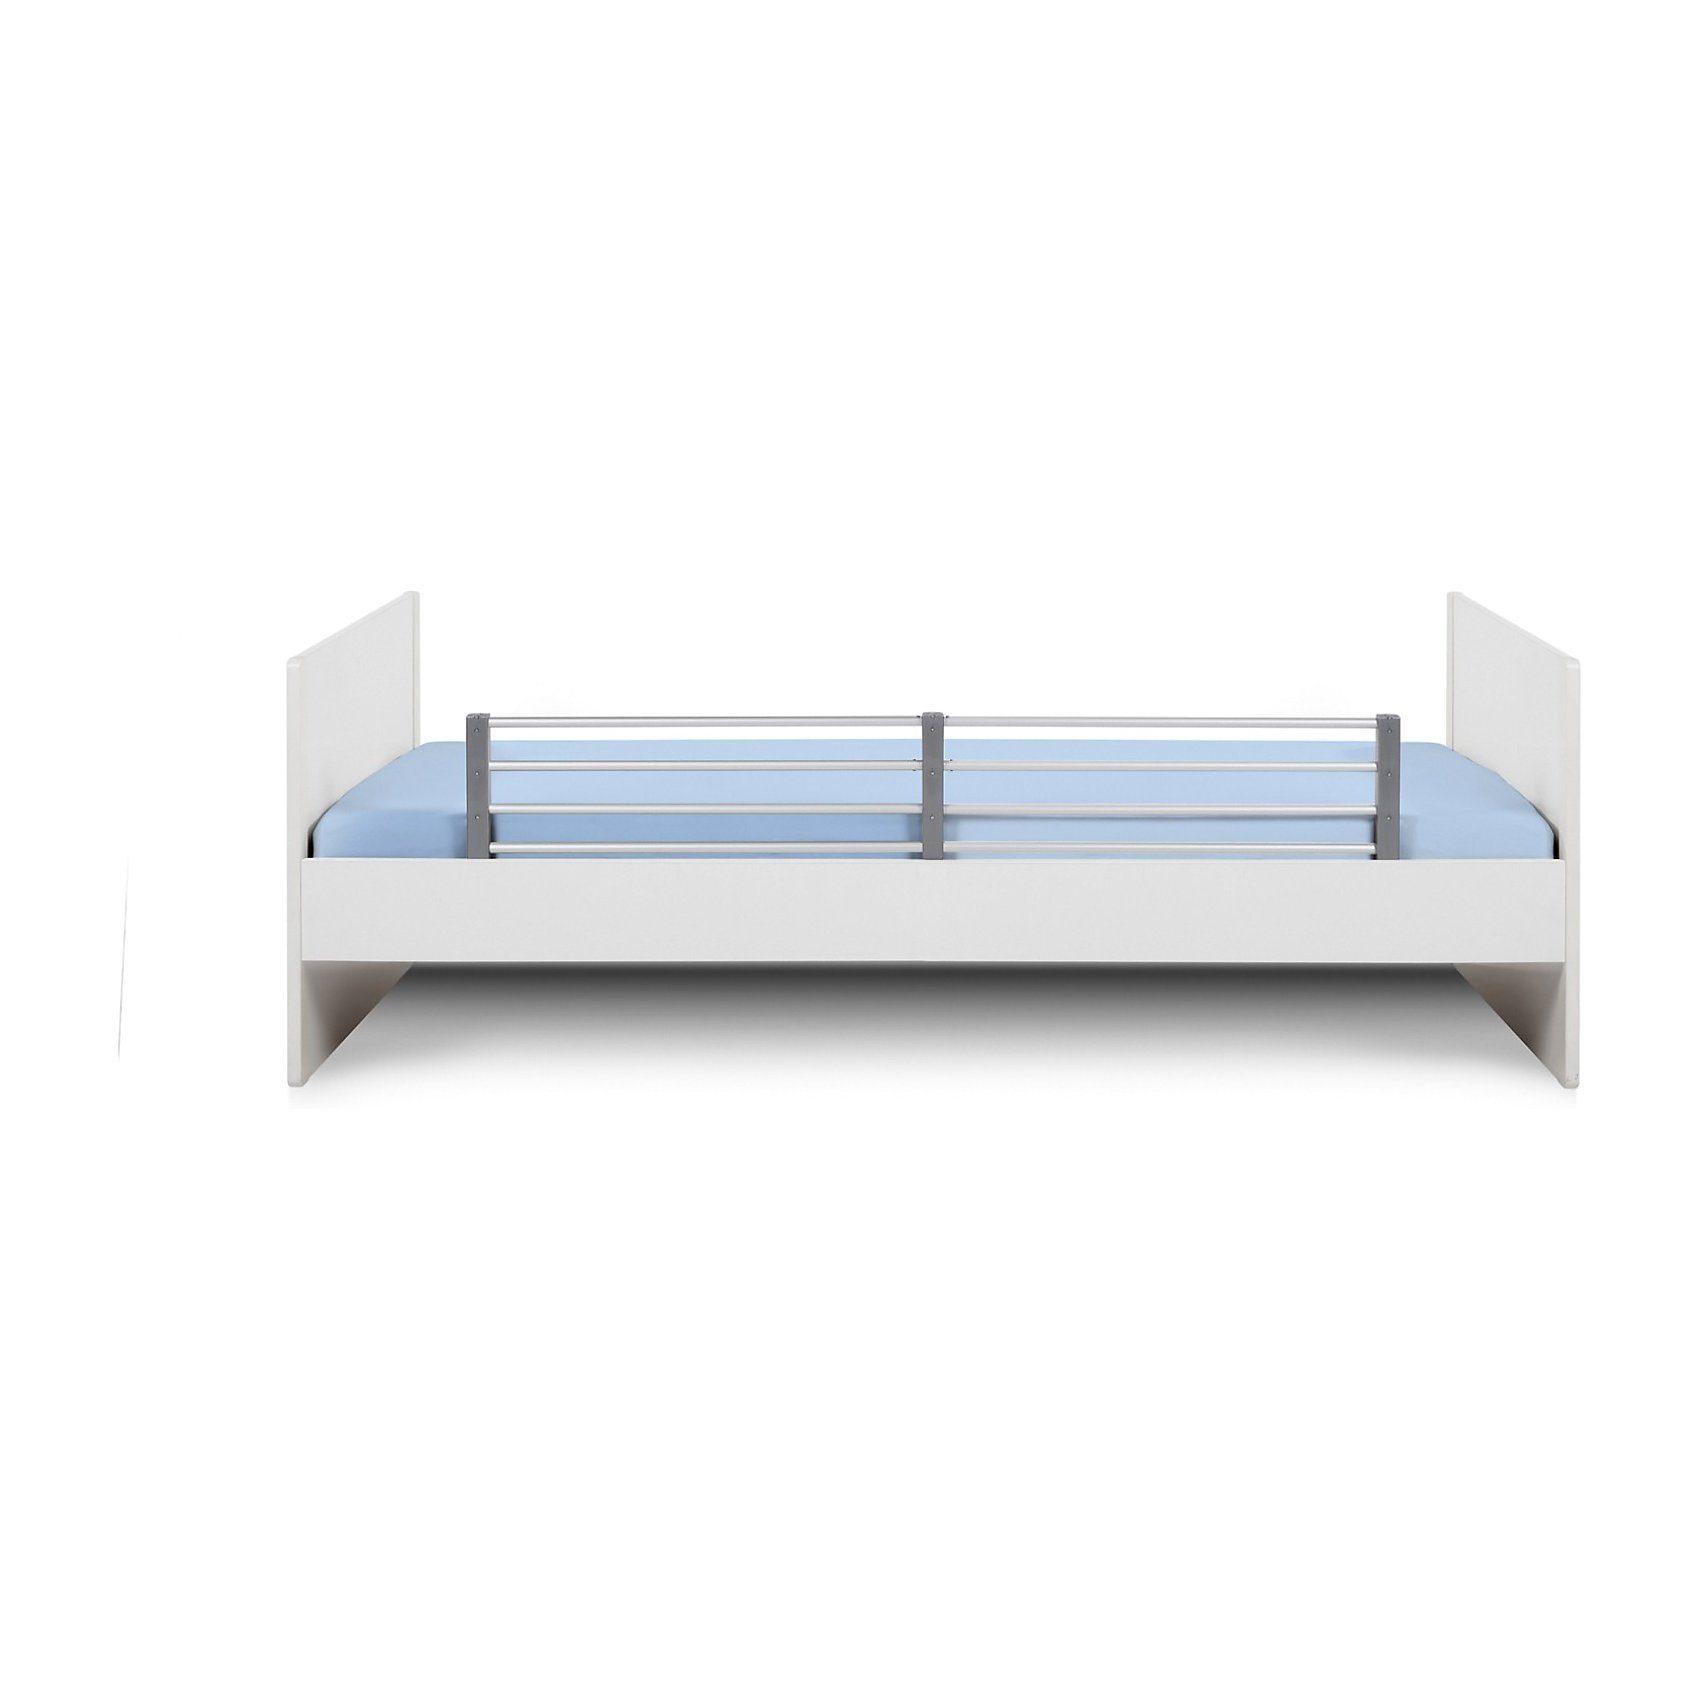 Reer Bettschutzgitter, ausziehbar, Länge 80 - 140 cm, weiß